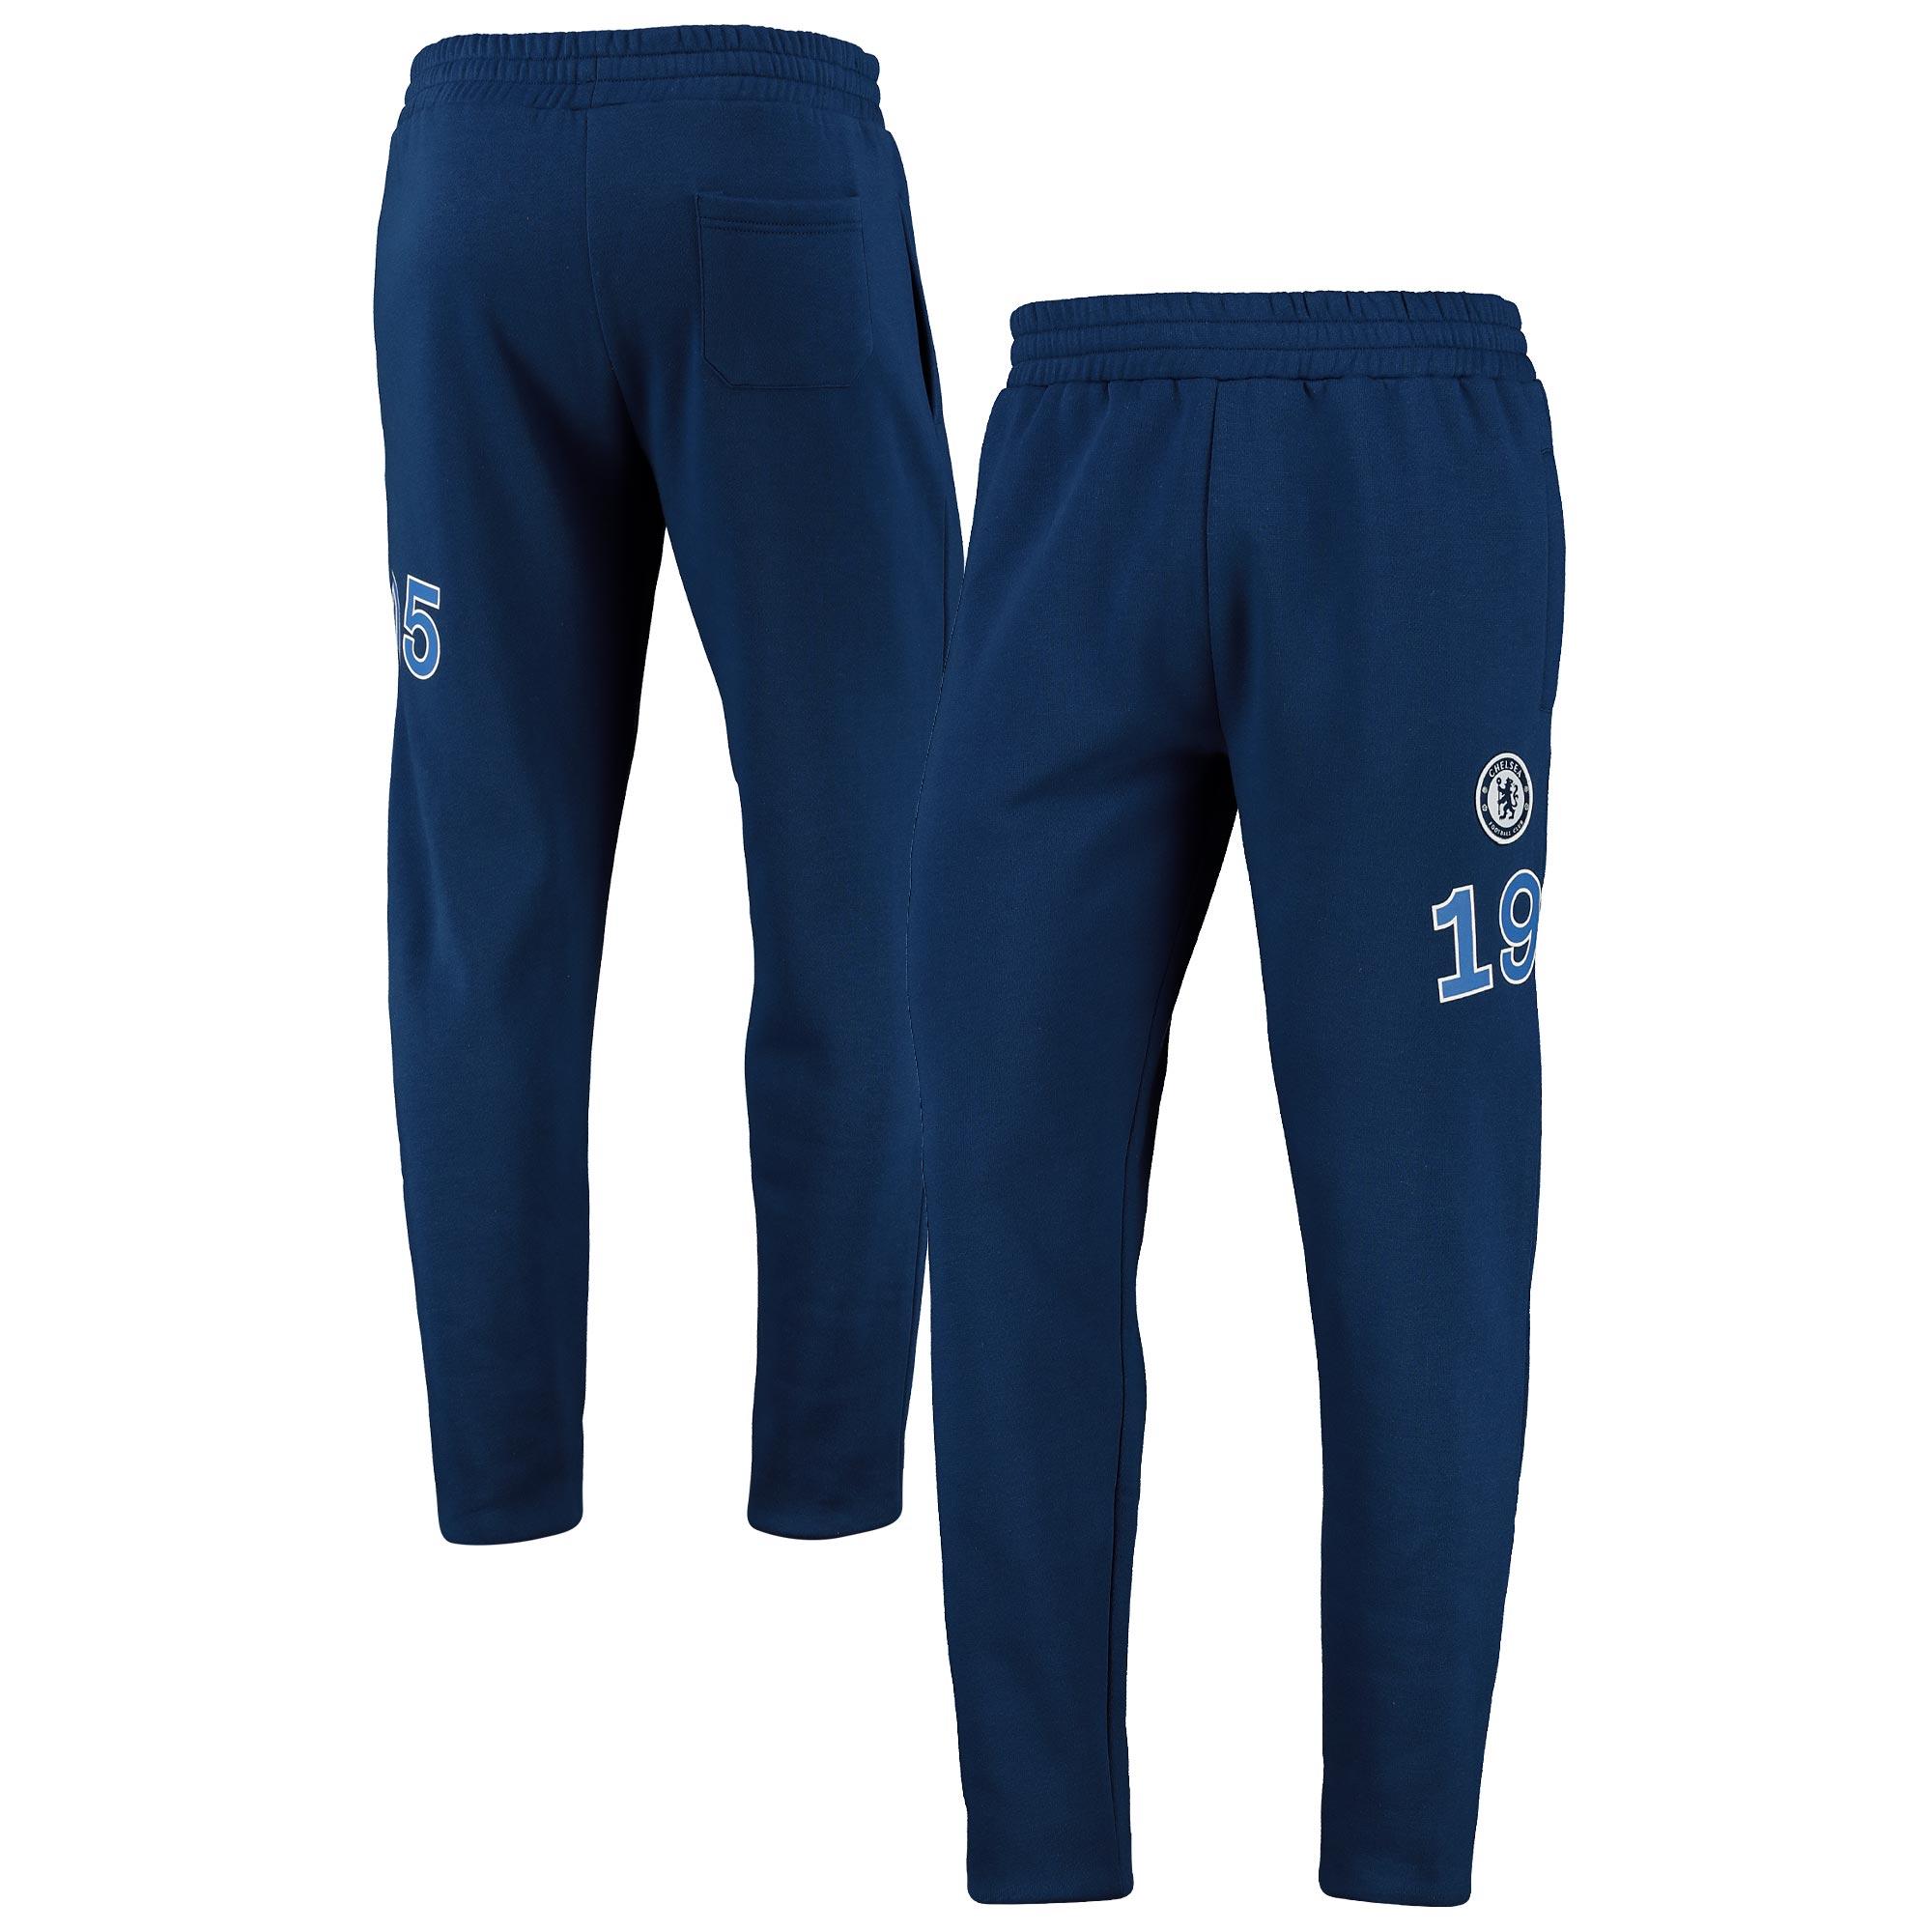 Pantalón de chándal Chelsea Printed - Azul - Hombres